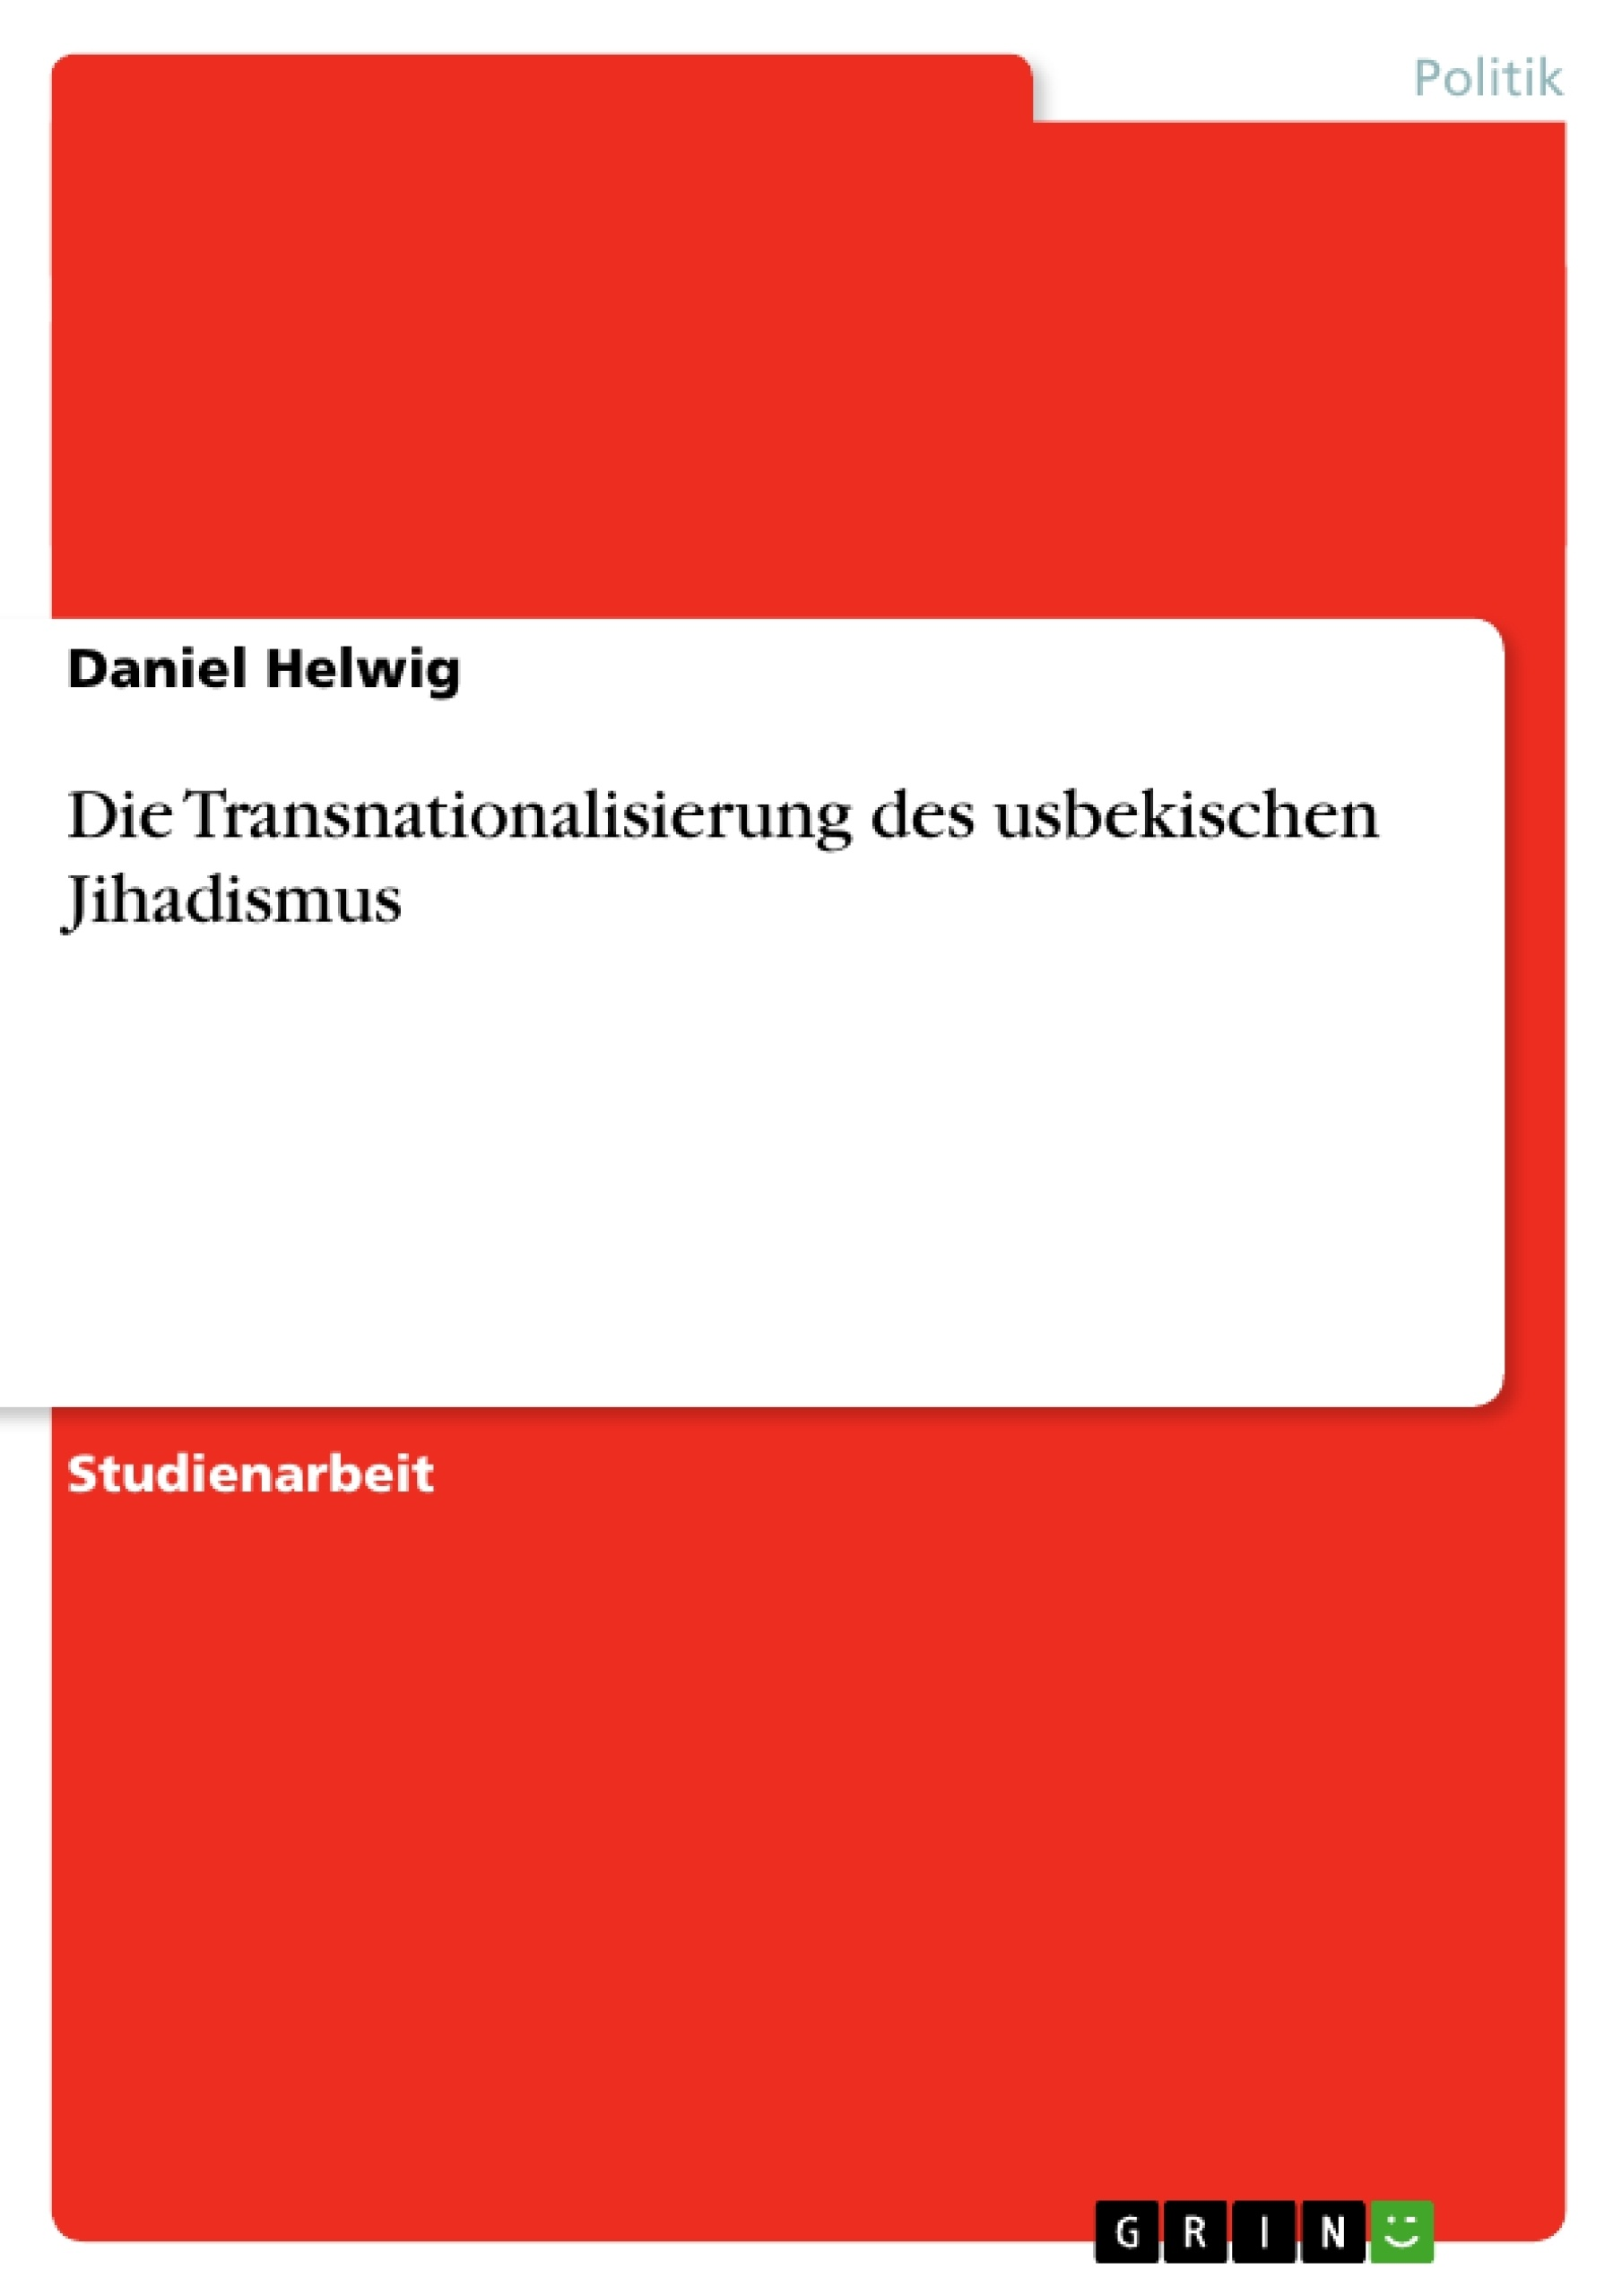 Titel: Die Transnationalisierung des usbekischen Jihadismus